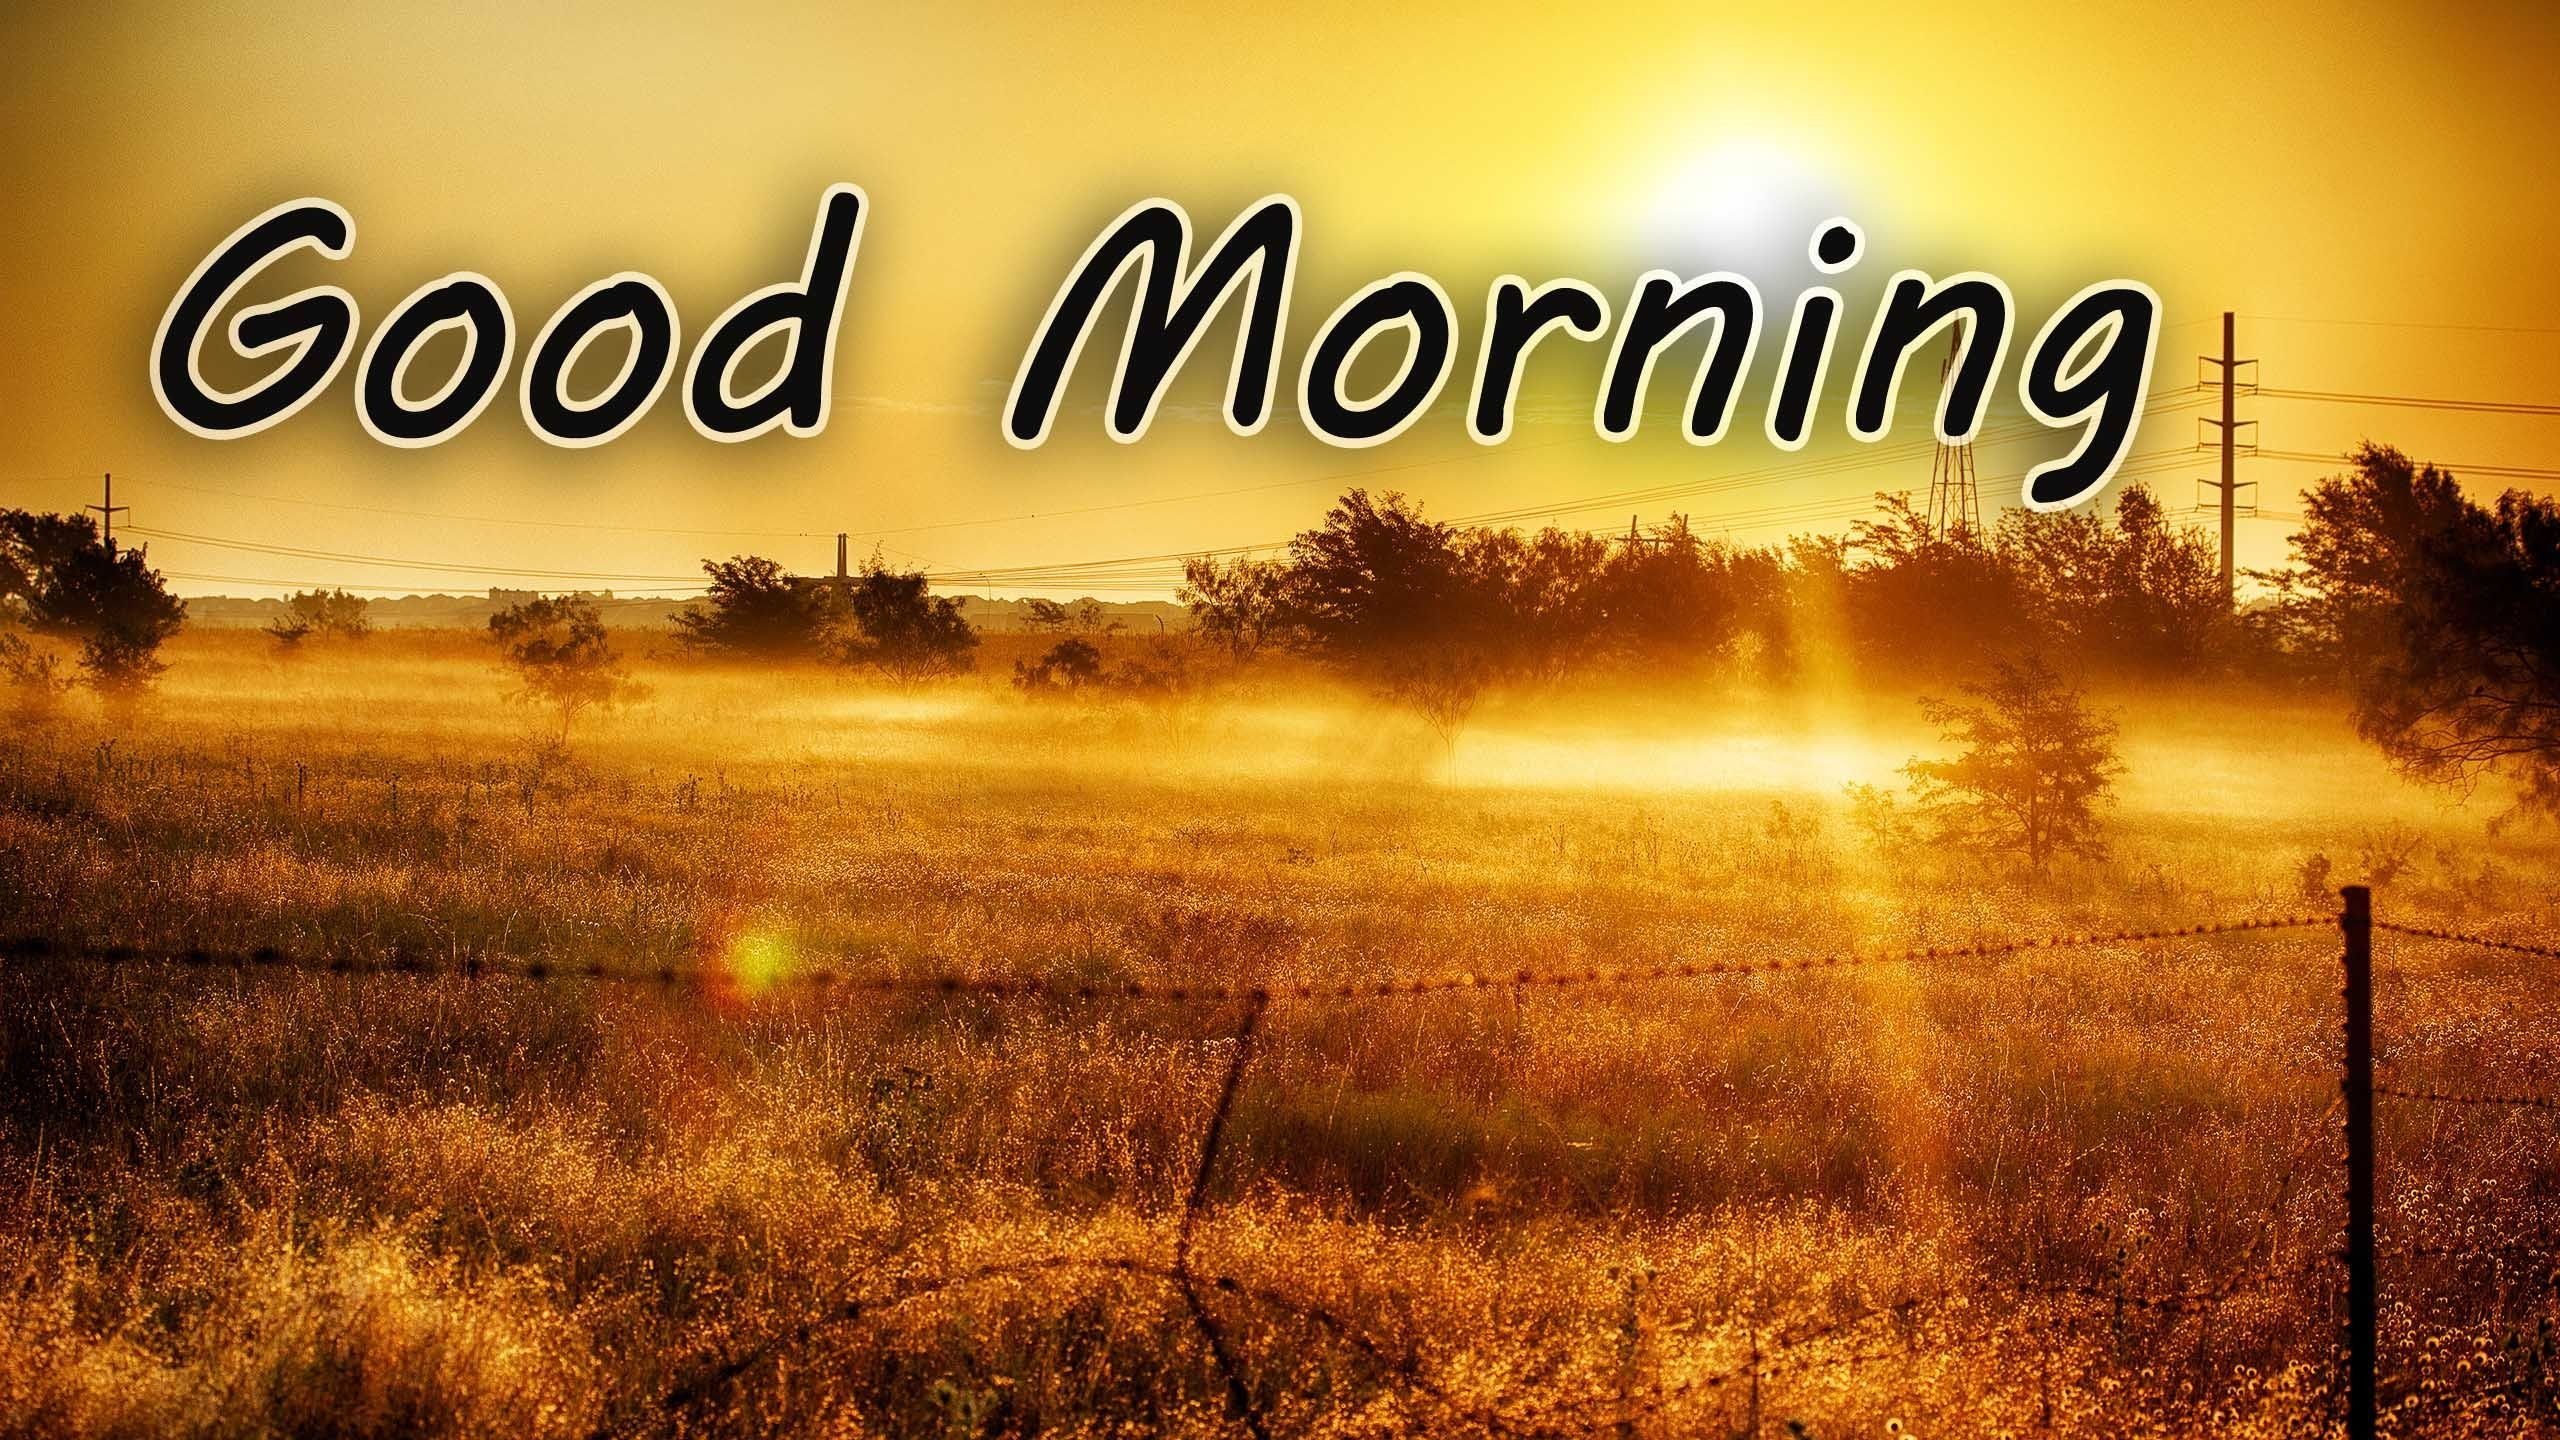 Good Morning Sunrise Memes Meme Sunshine Good Morning Cool Images Sunday Mornings Morning Images Good Morning Wallpaper Good Morning Images Morning Pictures